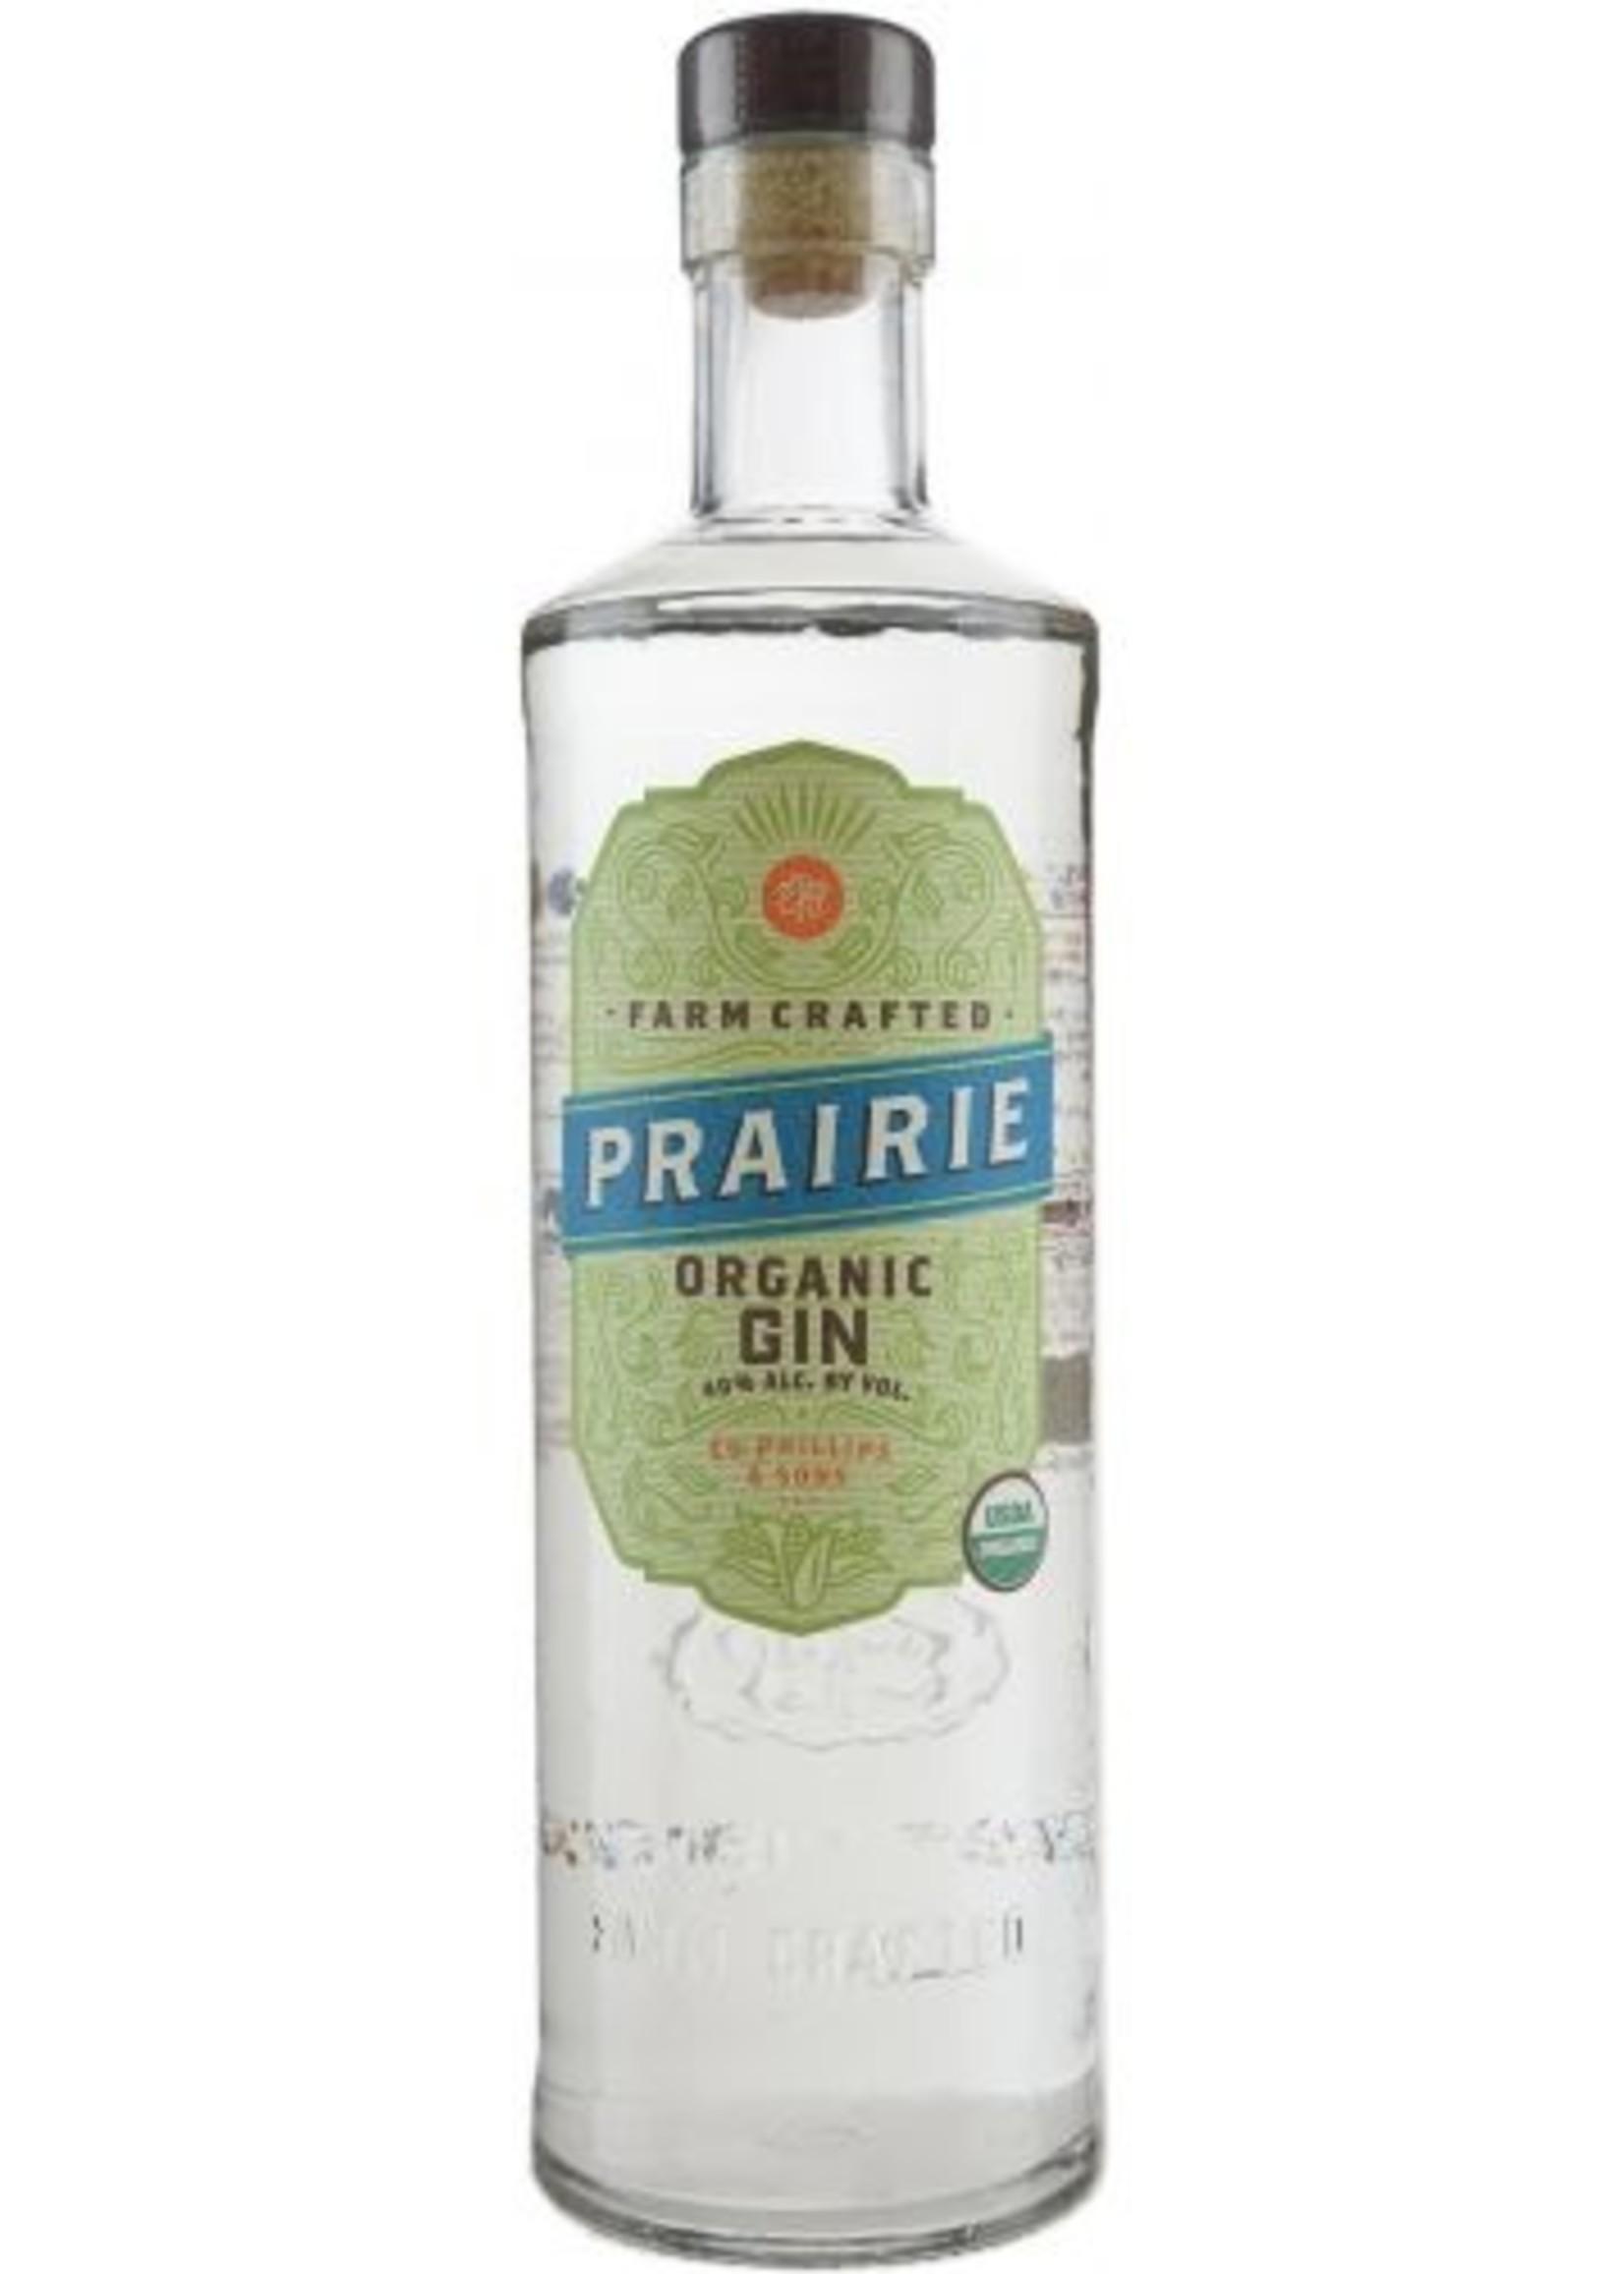 Prairie Organic Gin 375ml